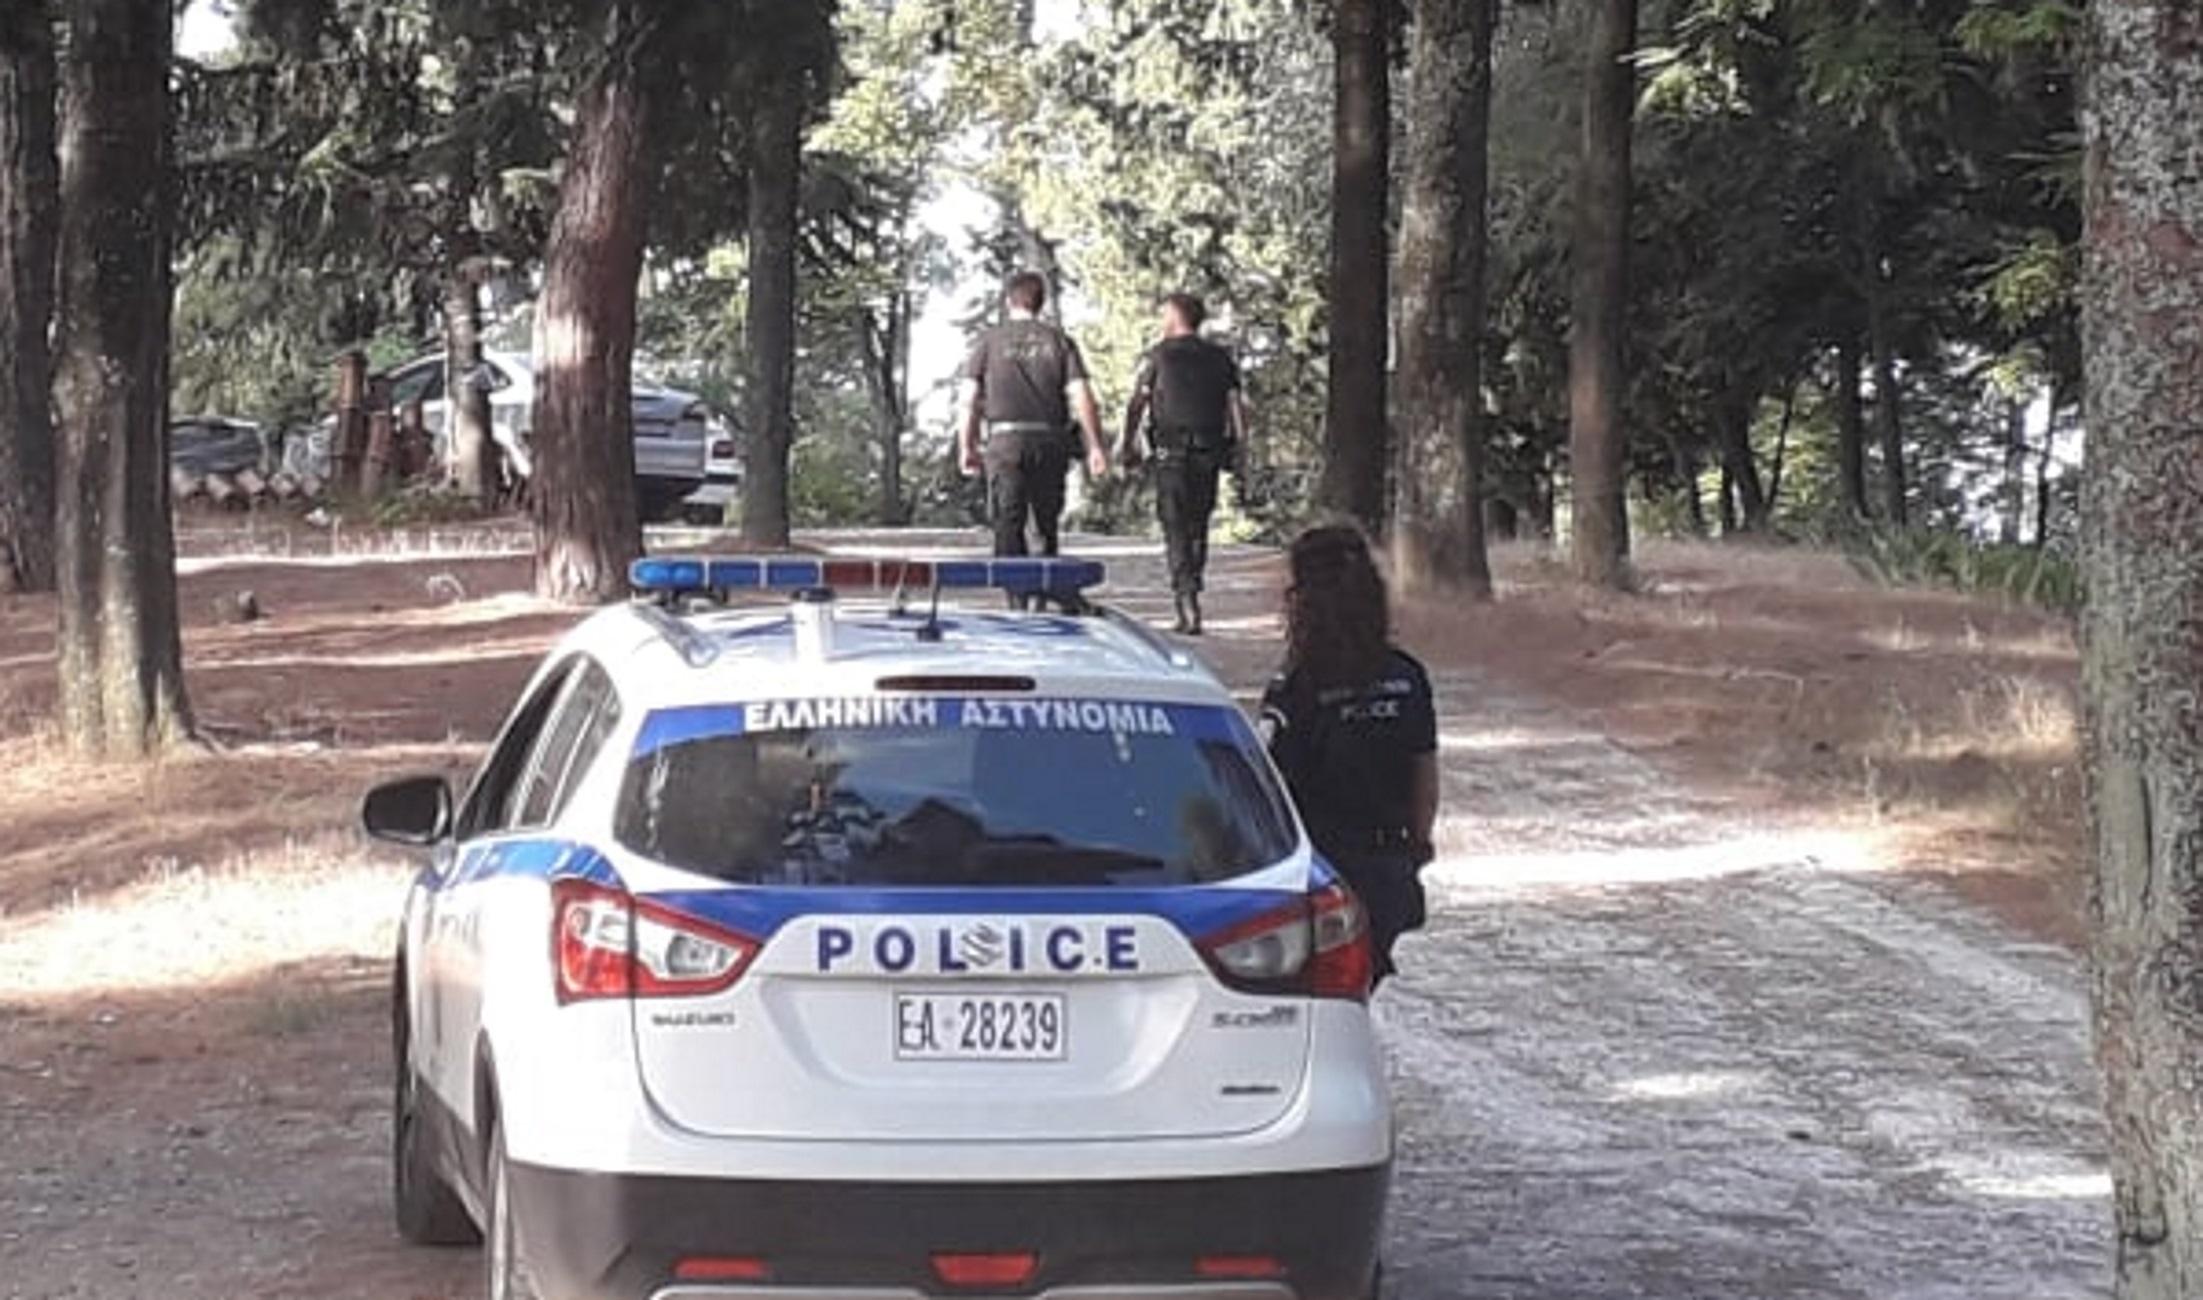 Τρίκαλα: Τι διαπίστωσε ο ιατροδικαστής για τον θάνατο της 16χρονης μαθήτριας έξω από εκκλησία! Τα νέα στοιχεία στο θρίλερ (Βίντεο)